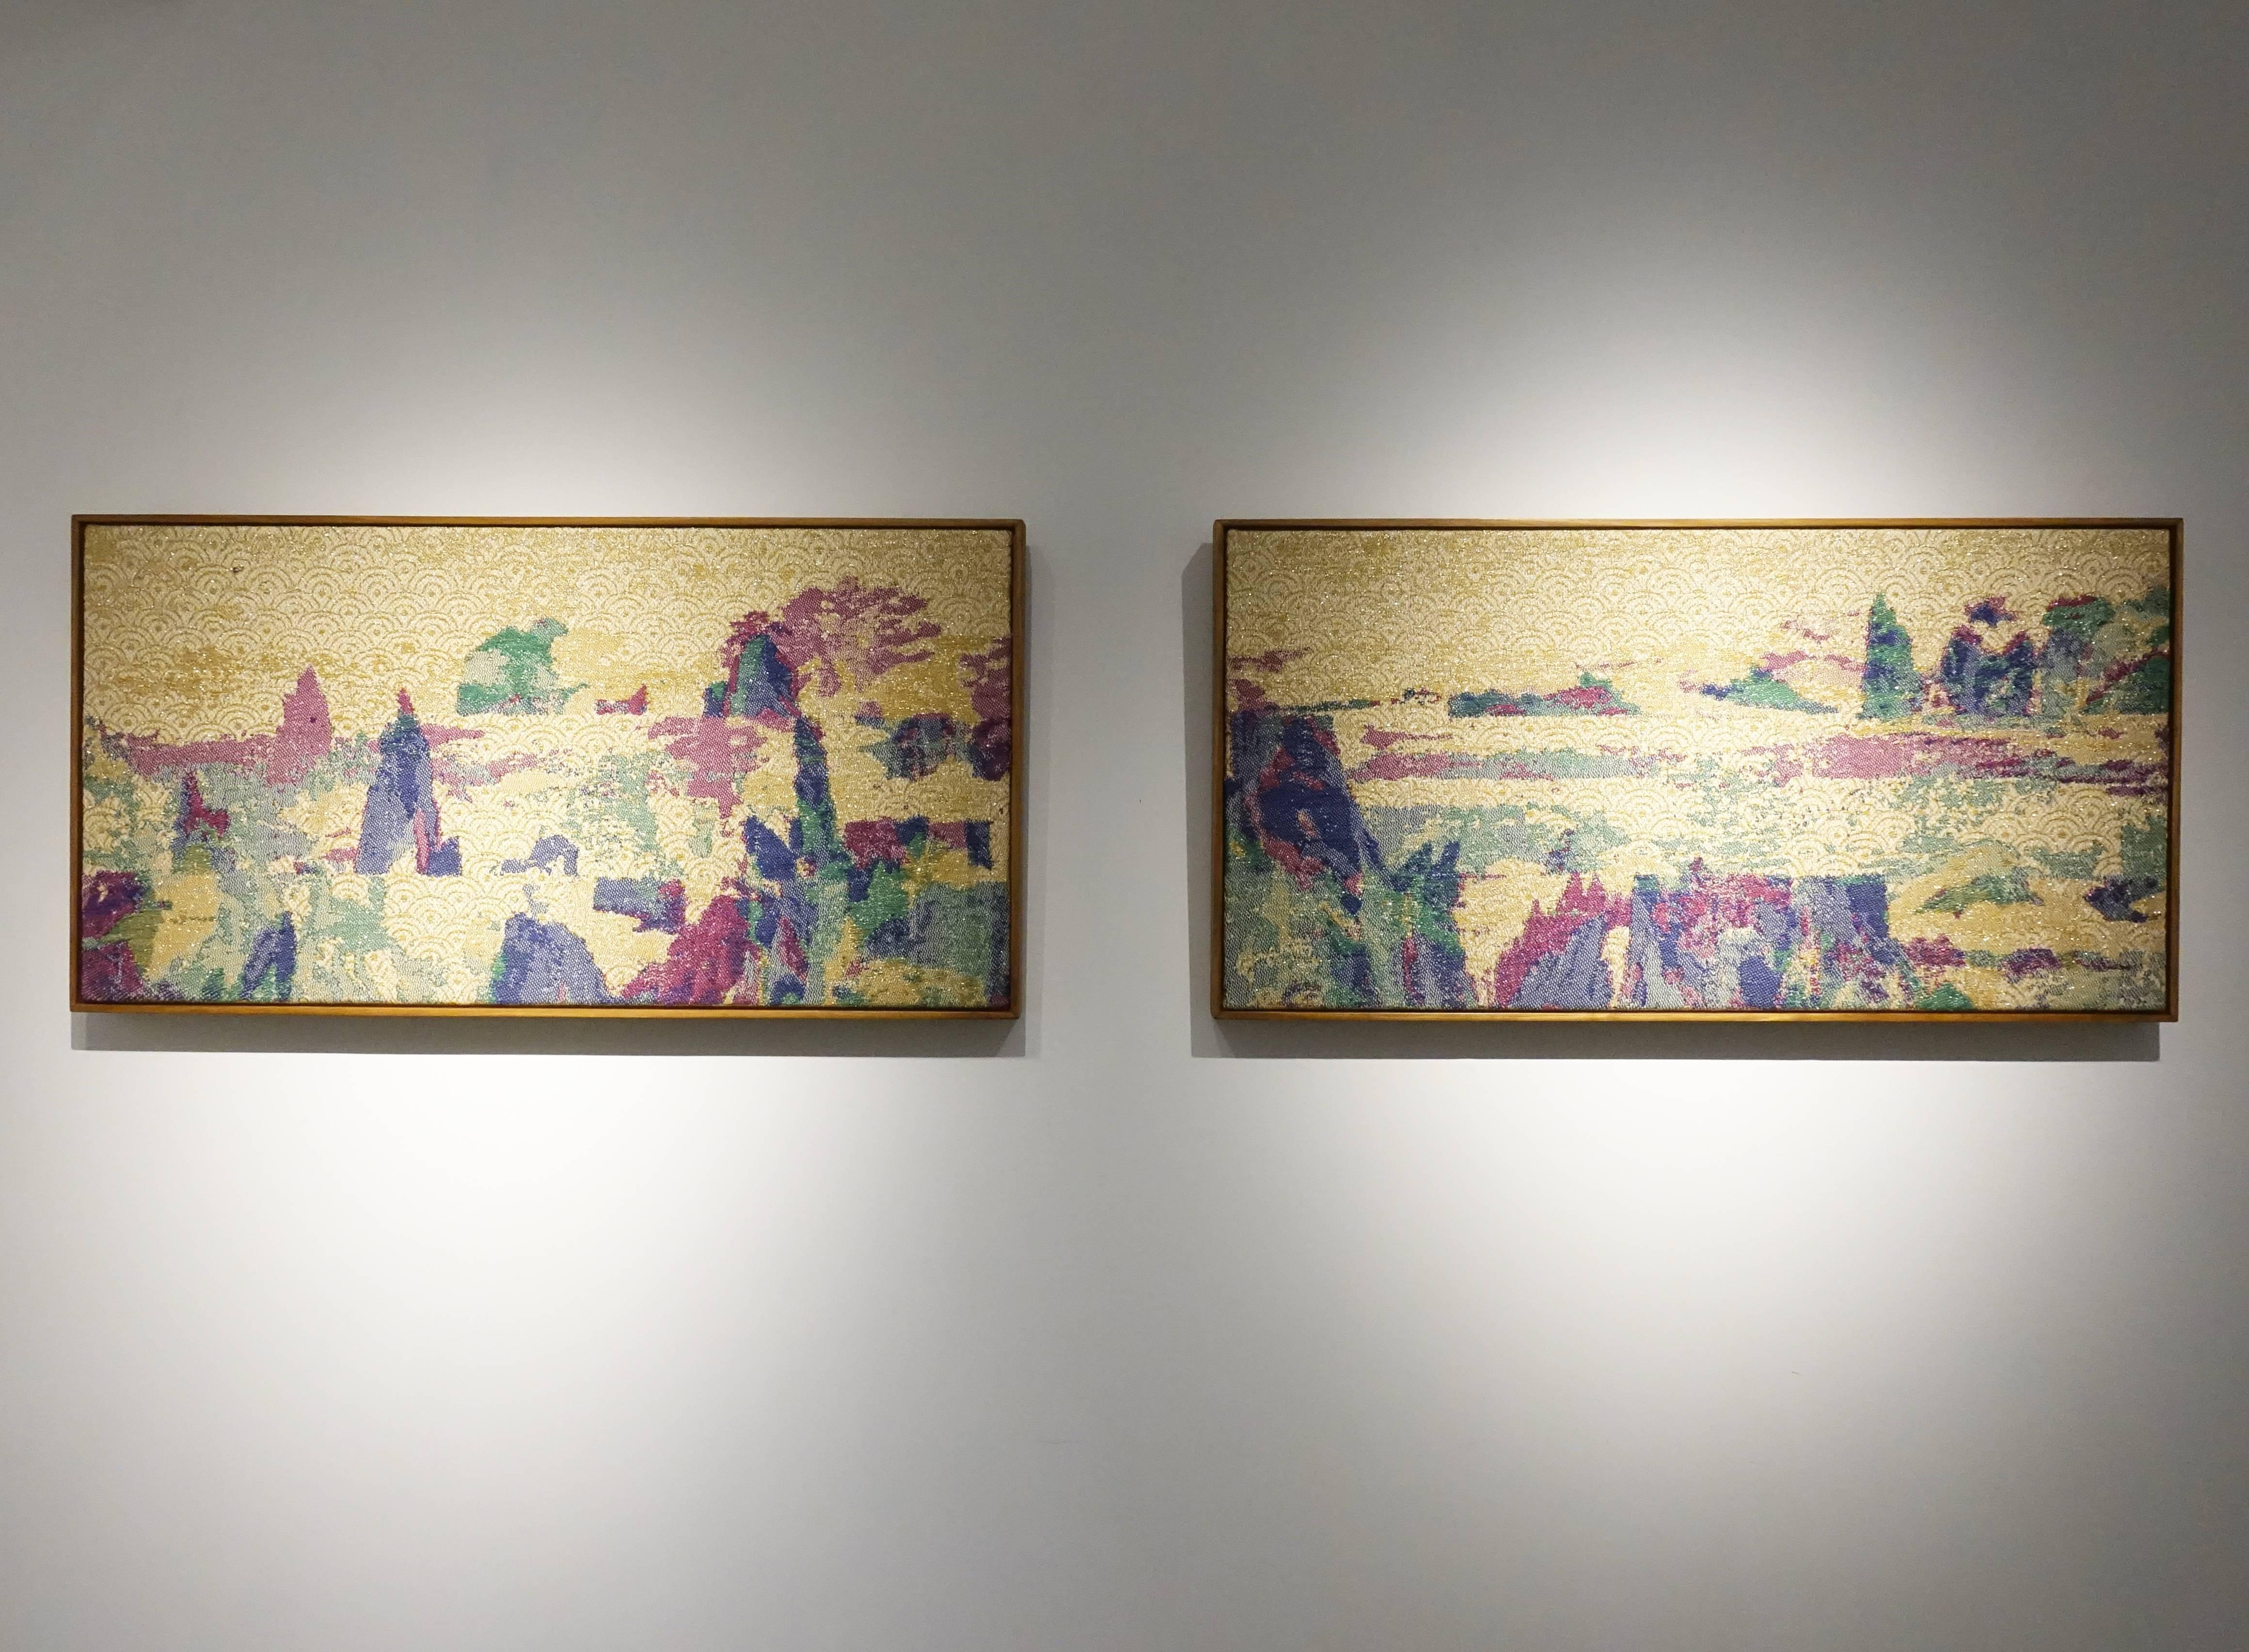 李偵綾,《變奏仙山》,180 x 46 cm,棉、人造纖維,2019。